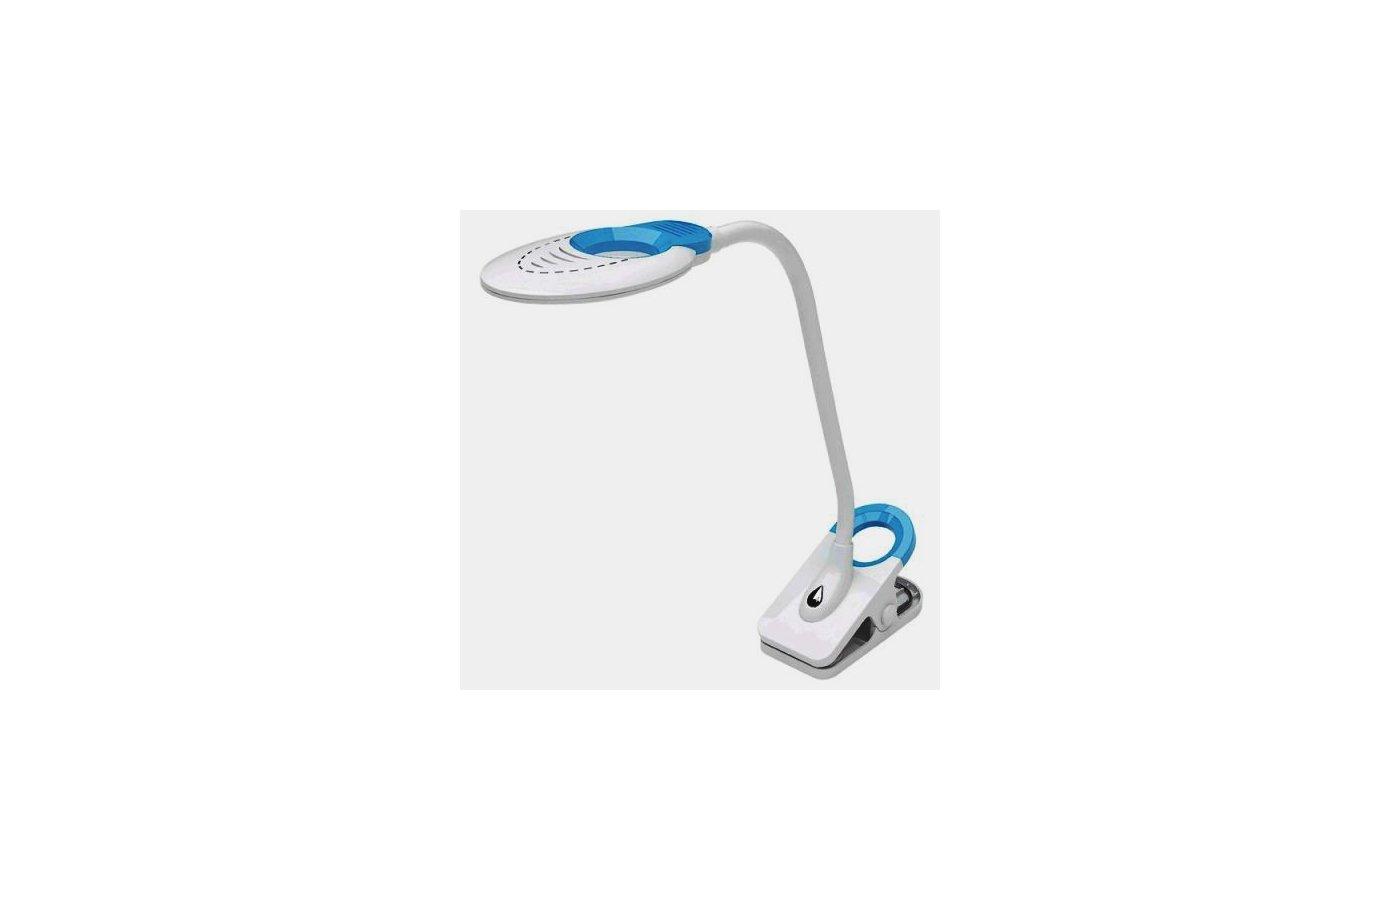 Светильник настольный SUPRA SL-TL311 blue LED 5 Вт.регулировка яркости